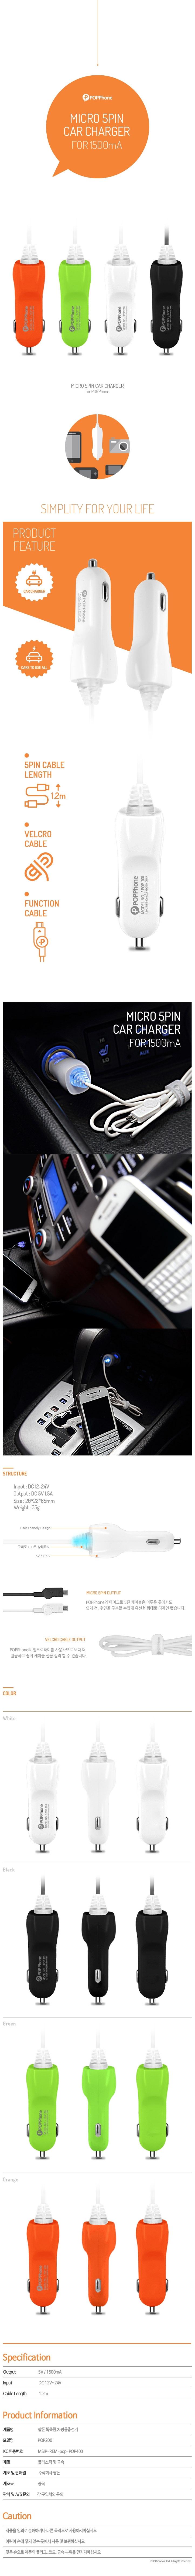 팝폰 마이크로5핀 일체형 차량용 시거잭 충전기 5V 1.5A - 팝폰, 3,900원, 충전기, 일체형충전기